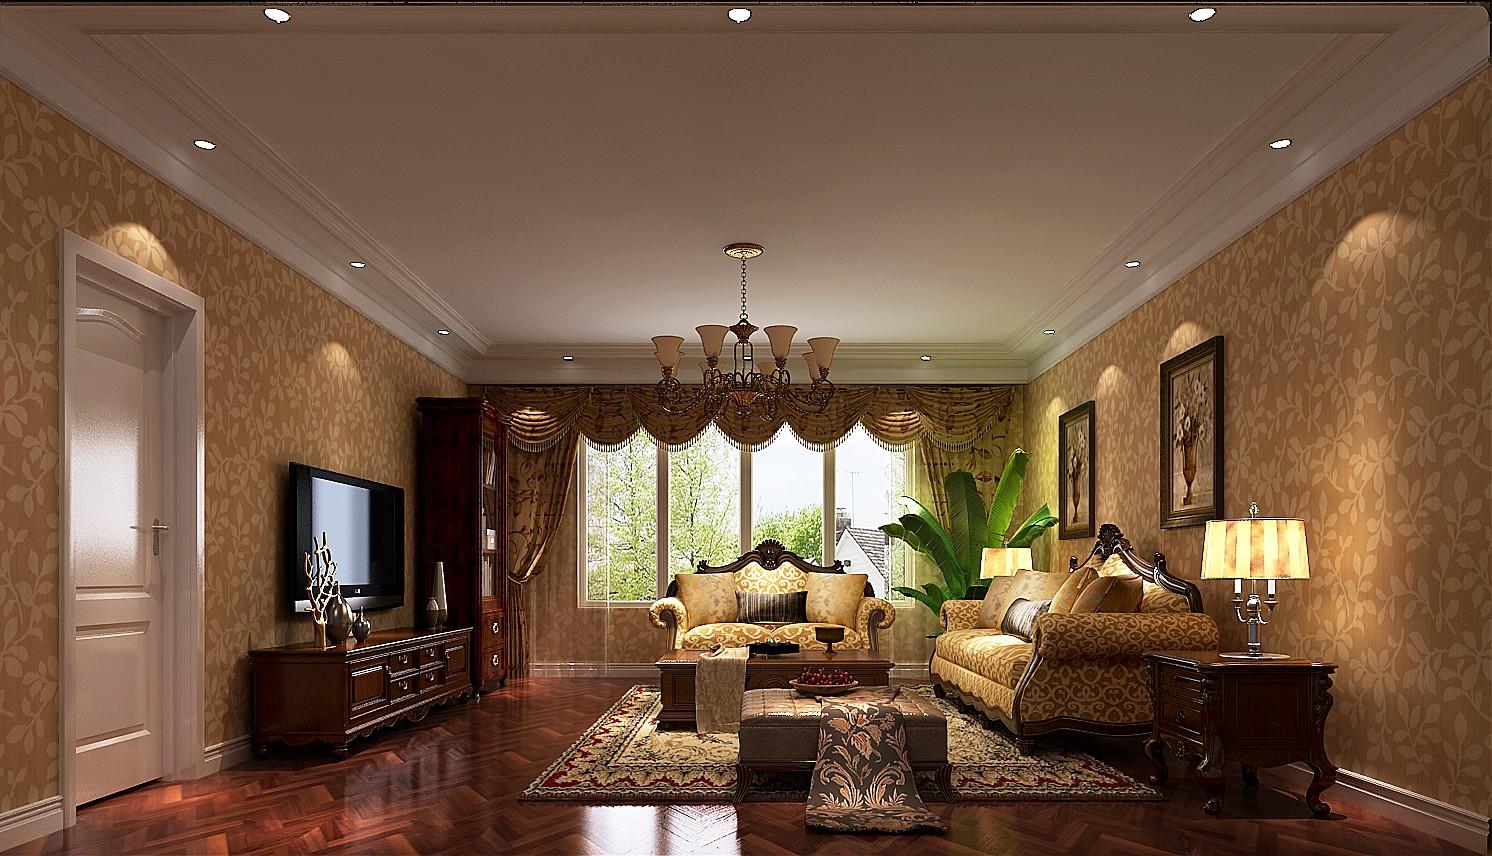 简约 美式 二居 三居 别墅 白领 收纳 旧房改造 80后 客厅图片来自周楠在颇具时尚的美式的分享